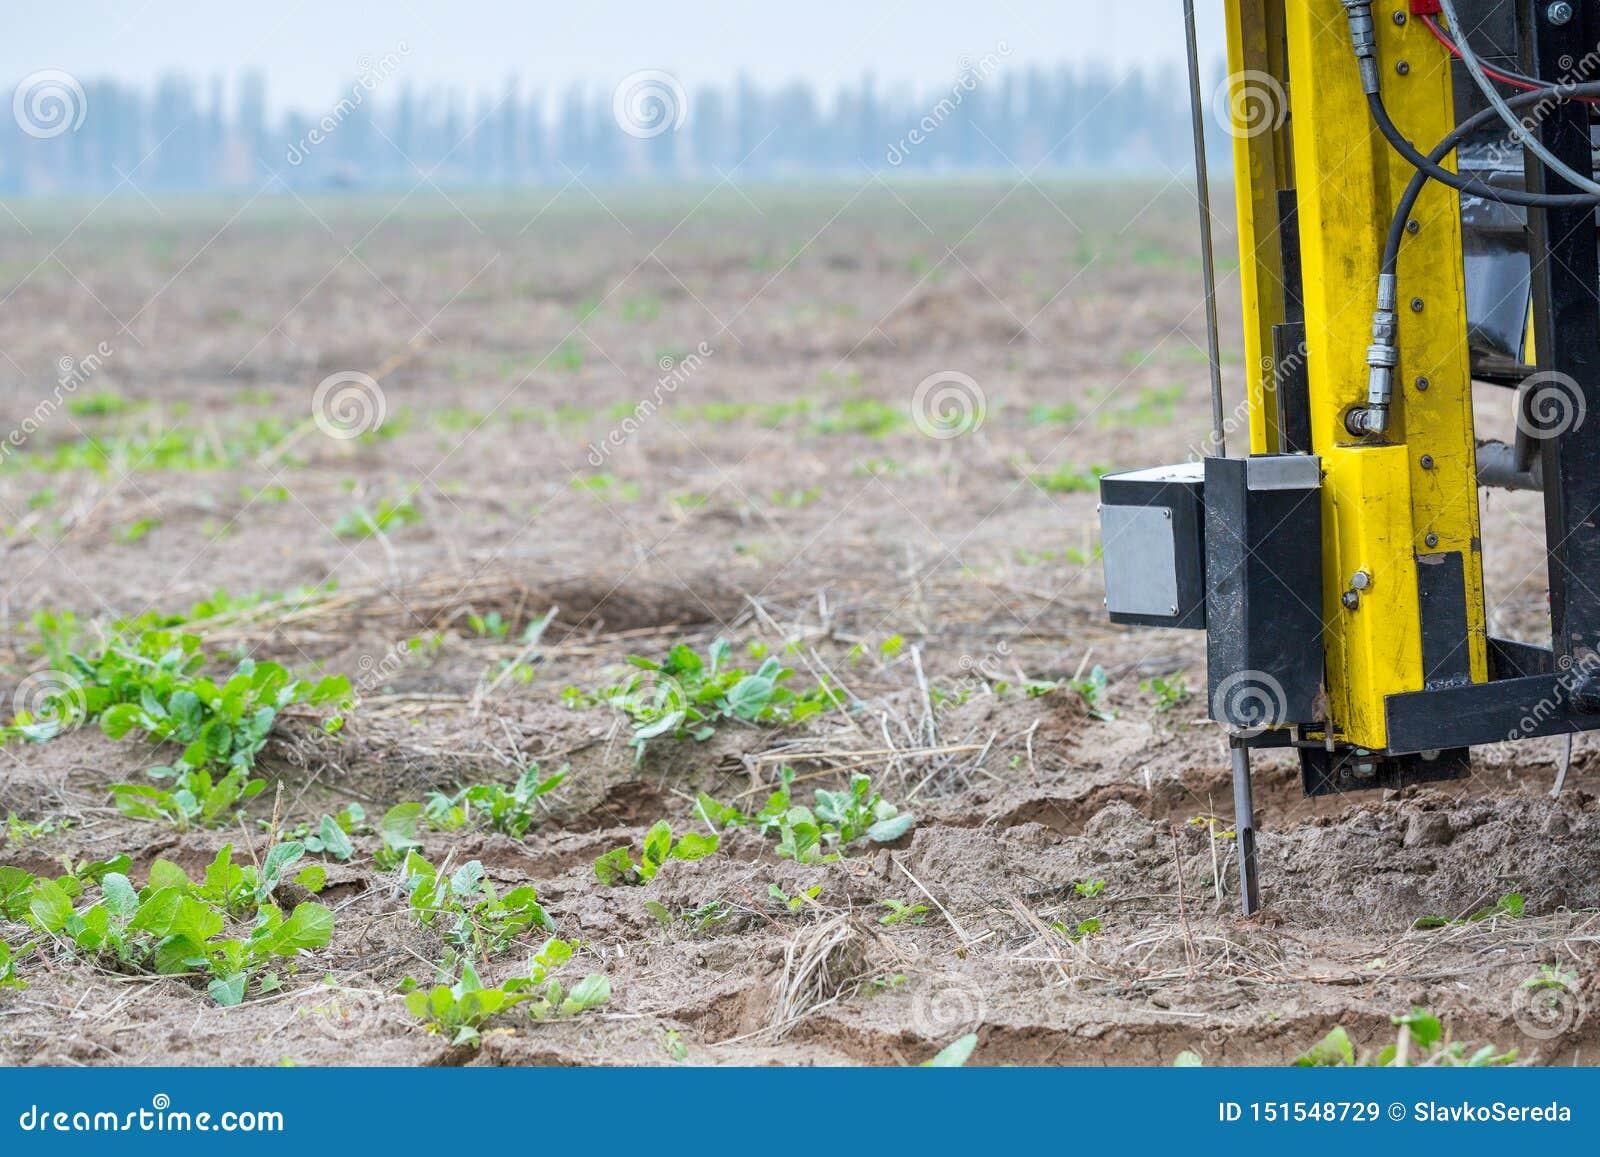 Soil Sampling. Automated probe for soil samples taking sample with soil probe sampler. Environmental protection, organic soil